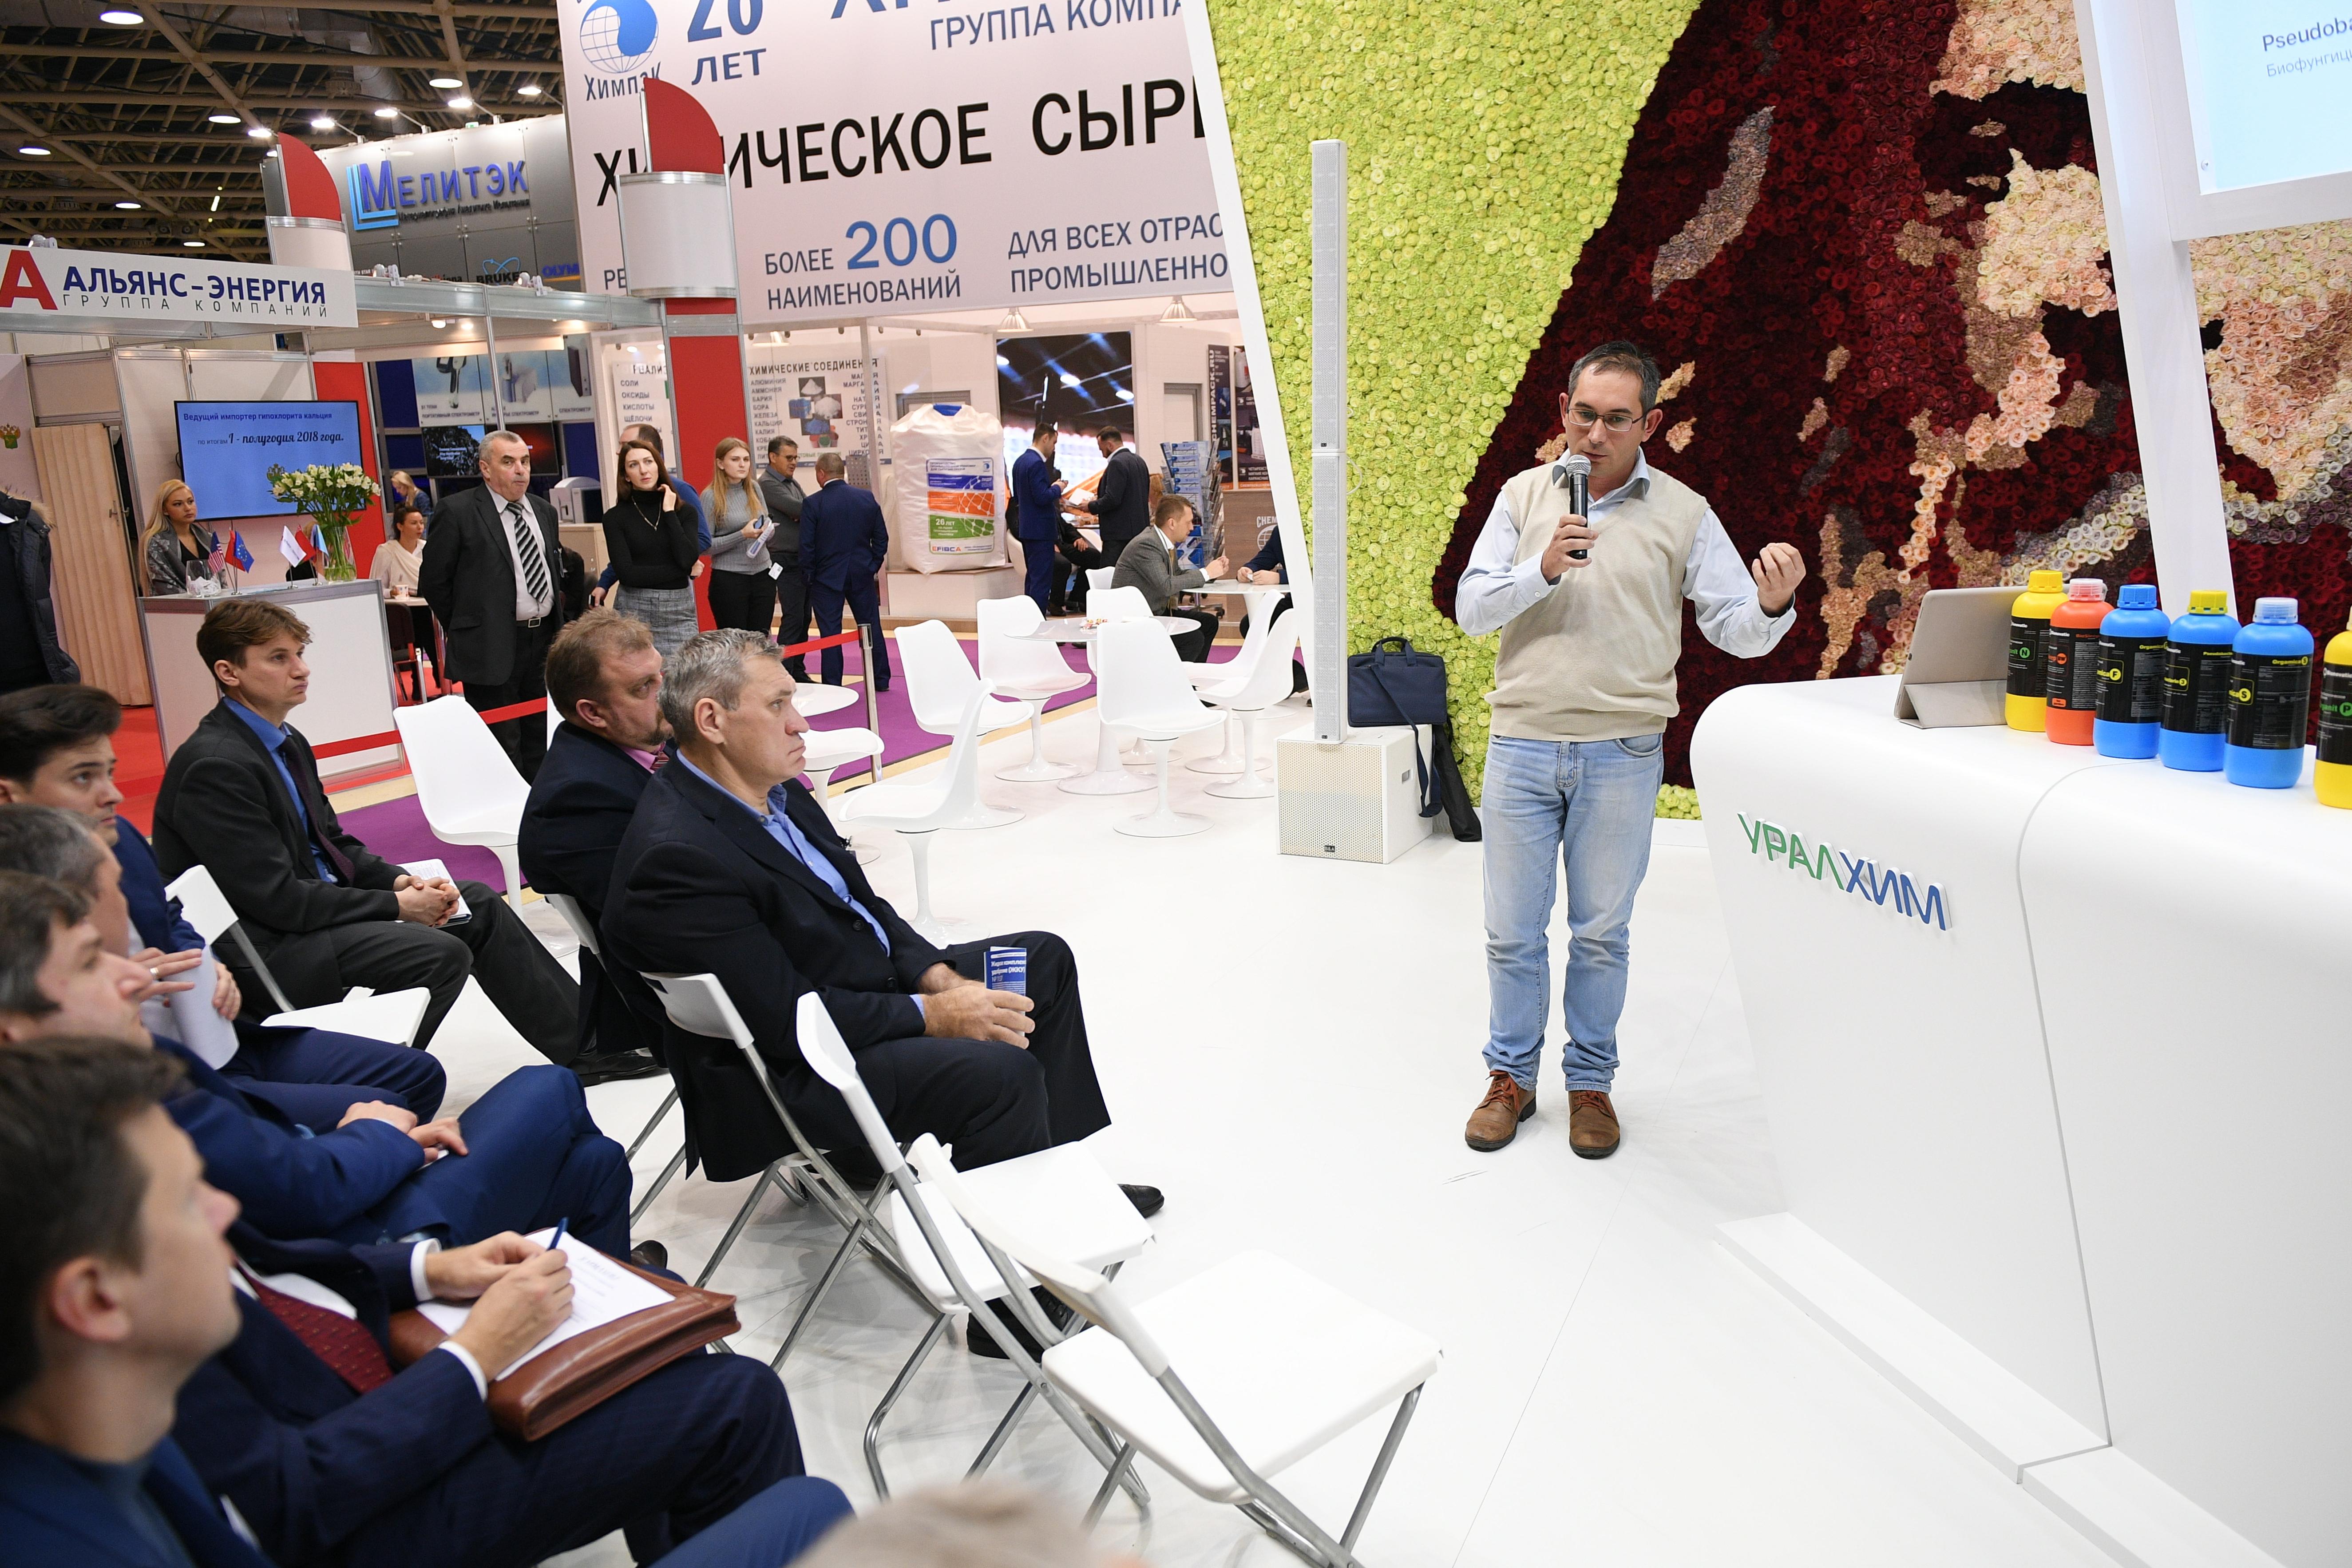 Объявлены итоги конкурса инновационных решений «УРАЛХИМ-Элемент роста»